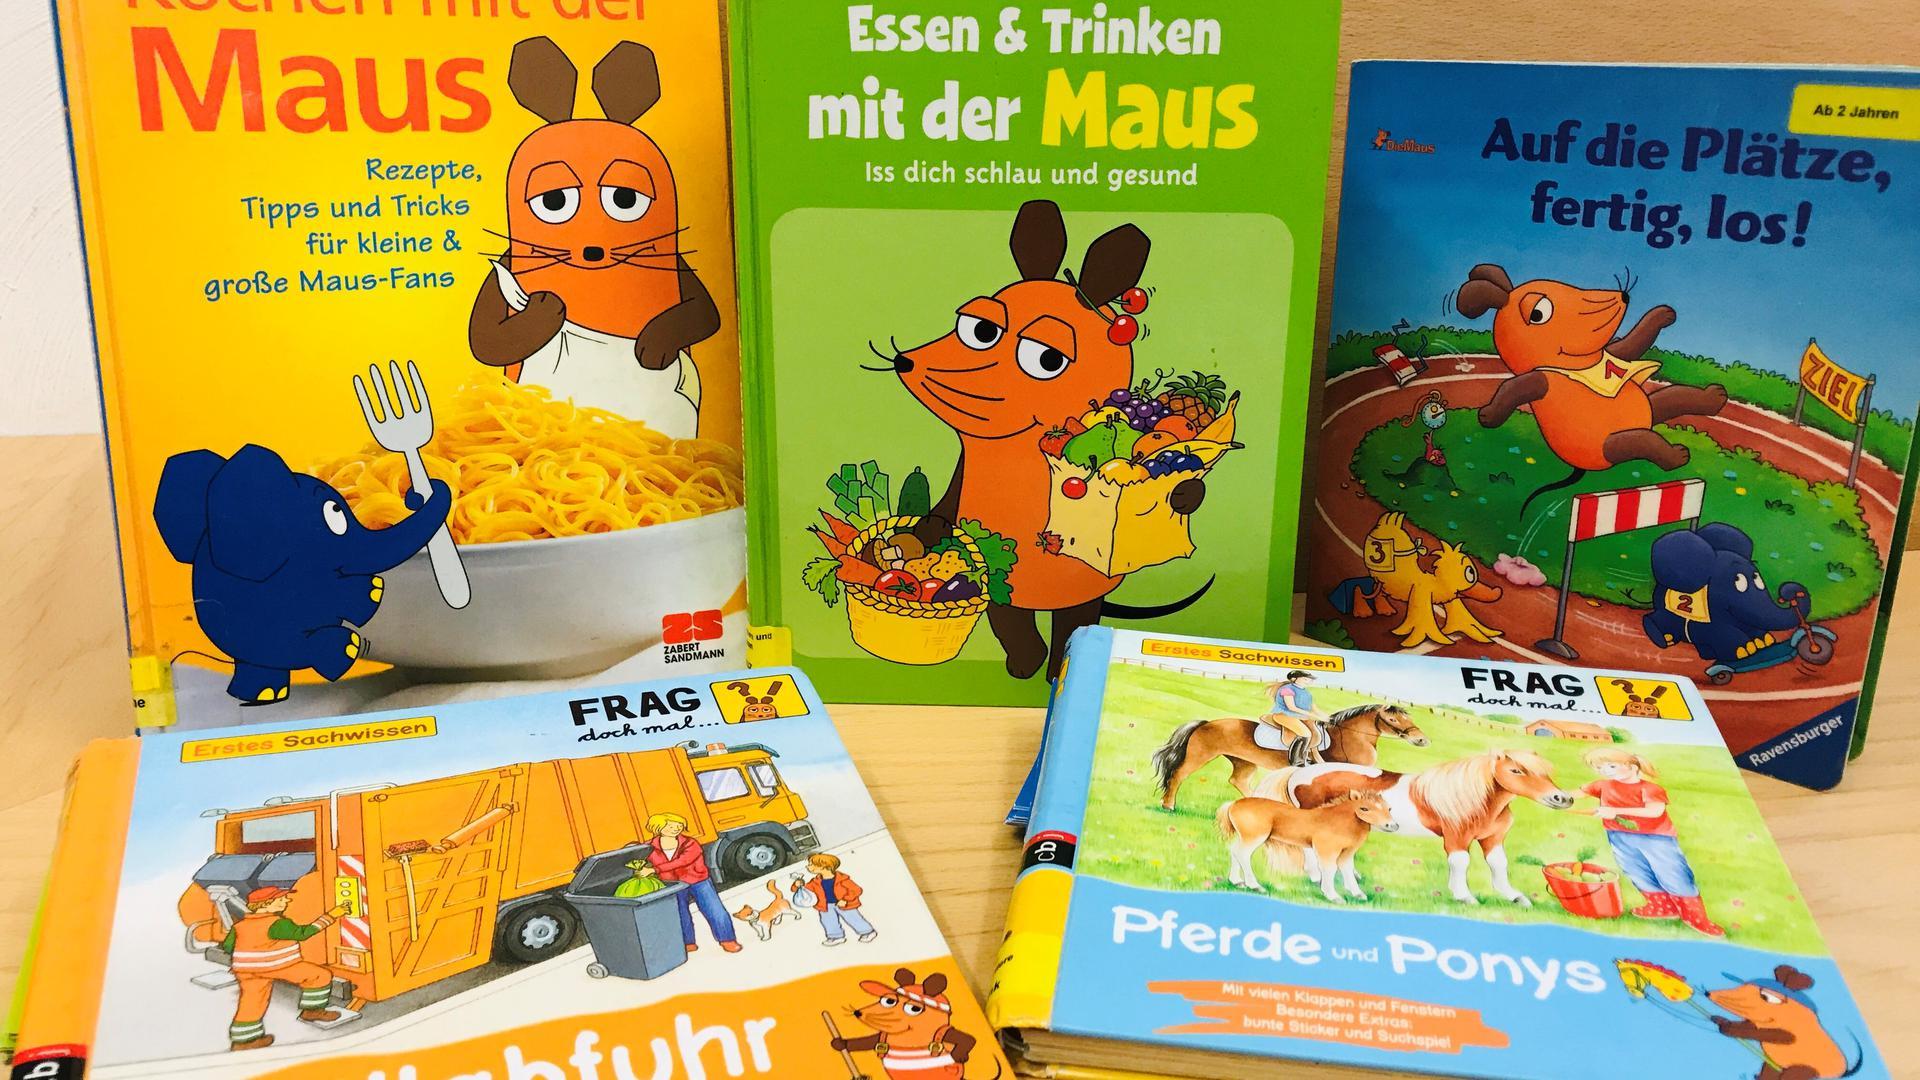 """In der Stadtbibliothek in Baden-Baden liegen einige Bücher aus der Reihe """"Sendung mit der Maus""""."""